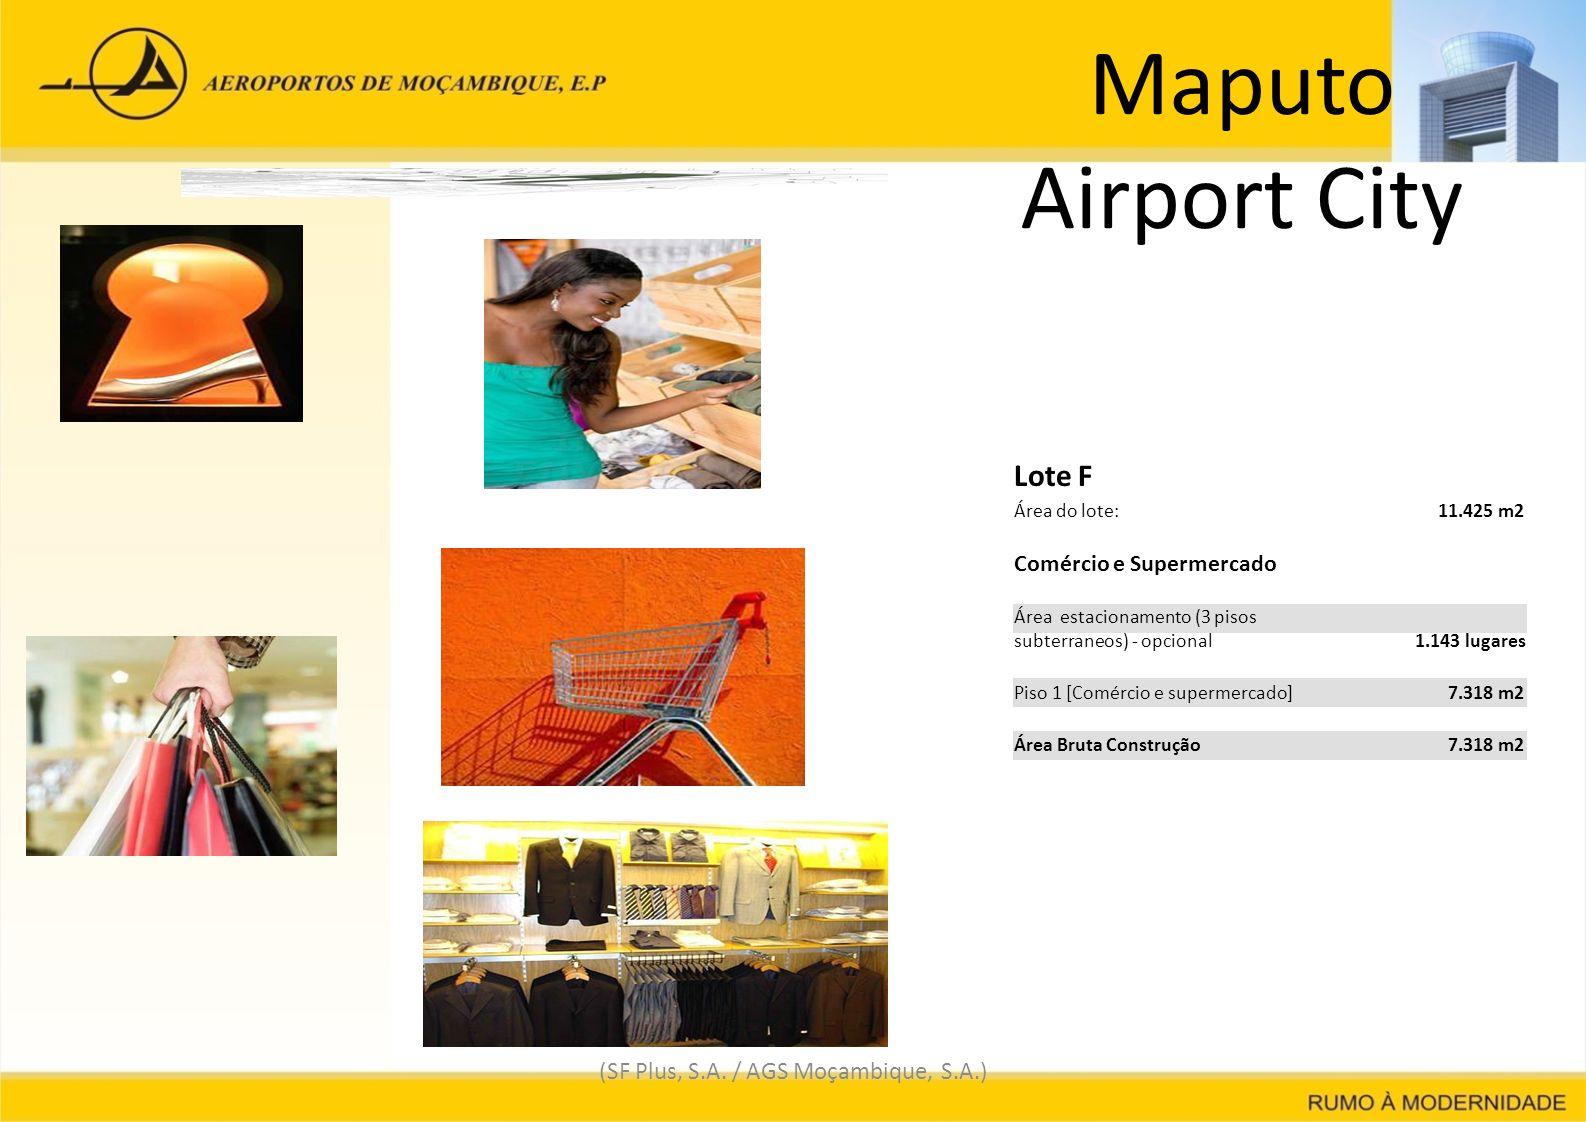 Maputo Airport City (SF Plus, S.A. / AGS Moçambique, S.A.) Lote F Área do lote: 11.425 m2 Comércio e Supermercado Área estacionamento (3 pisos subterr